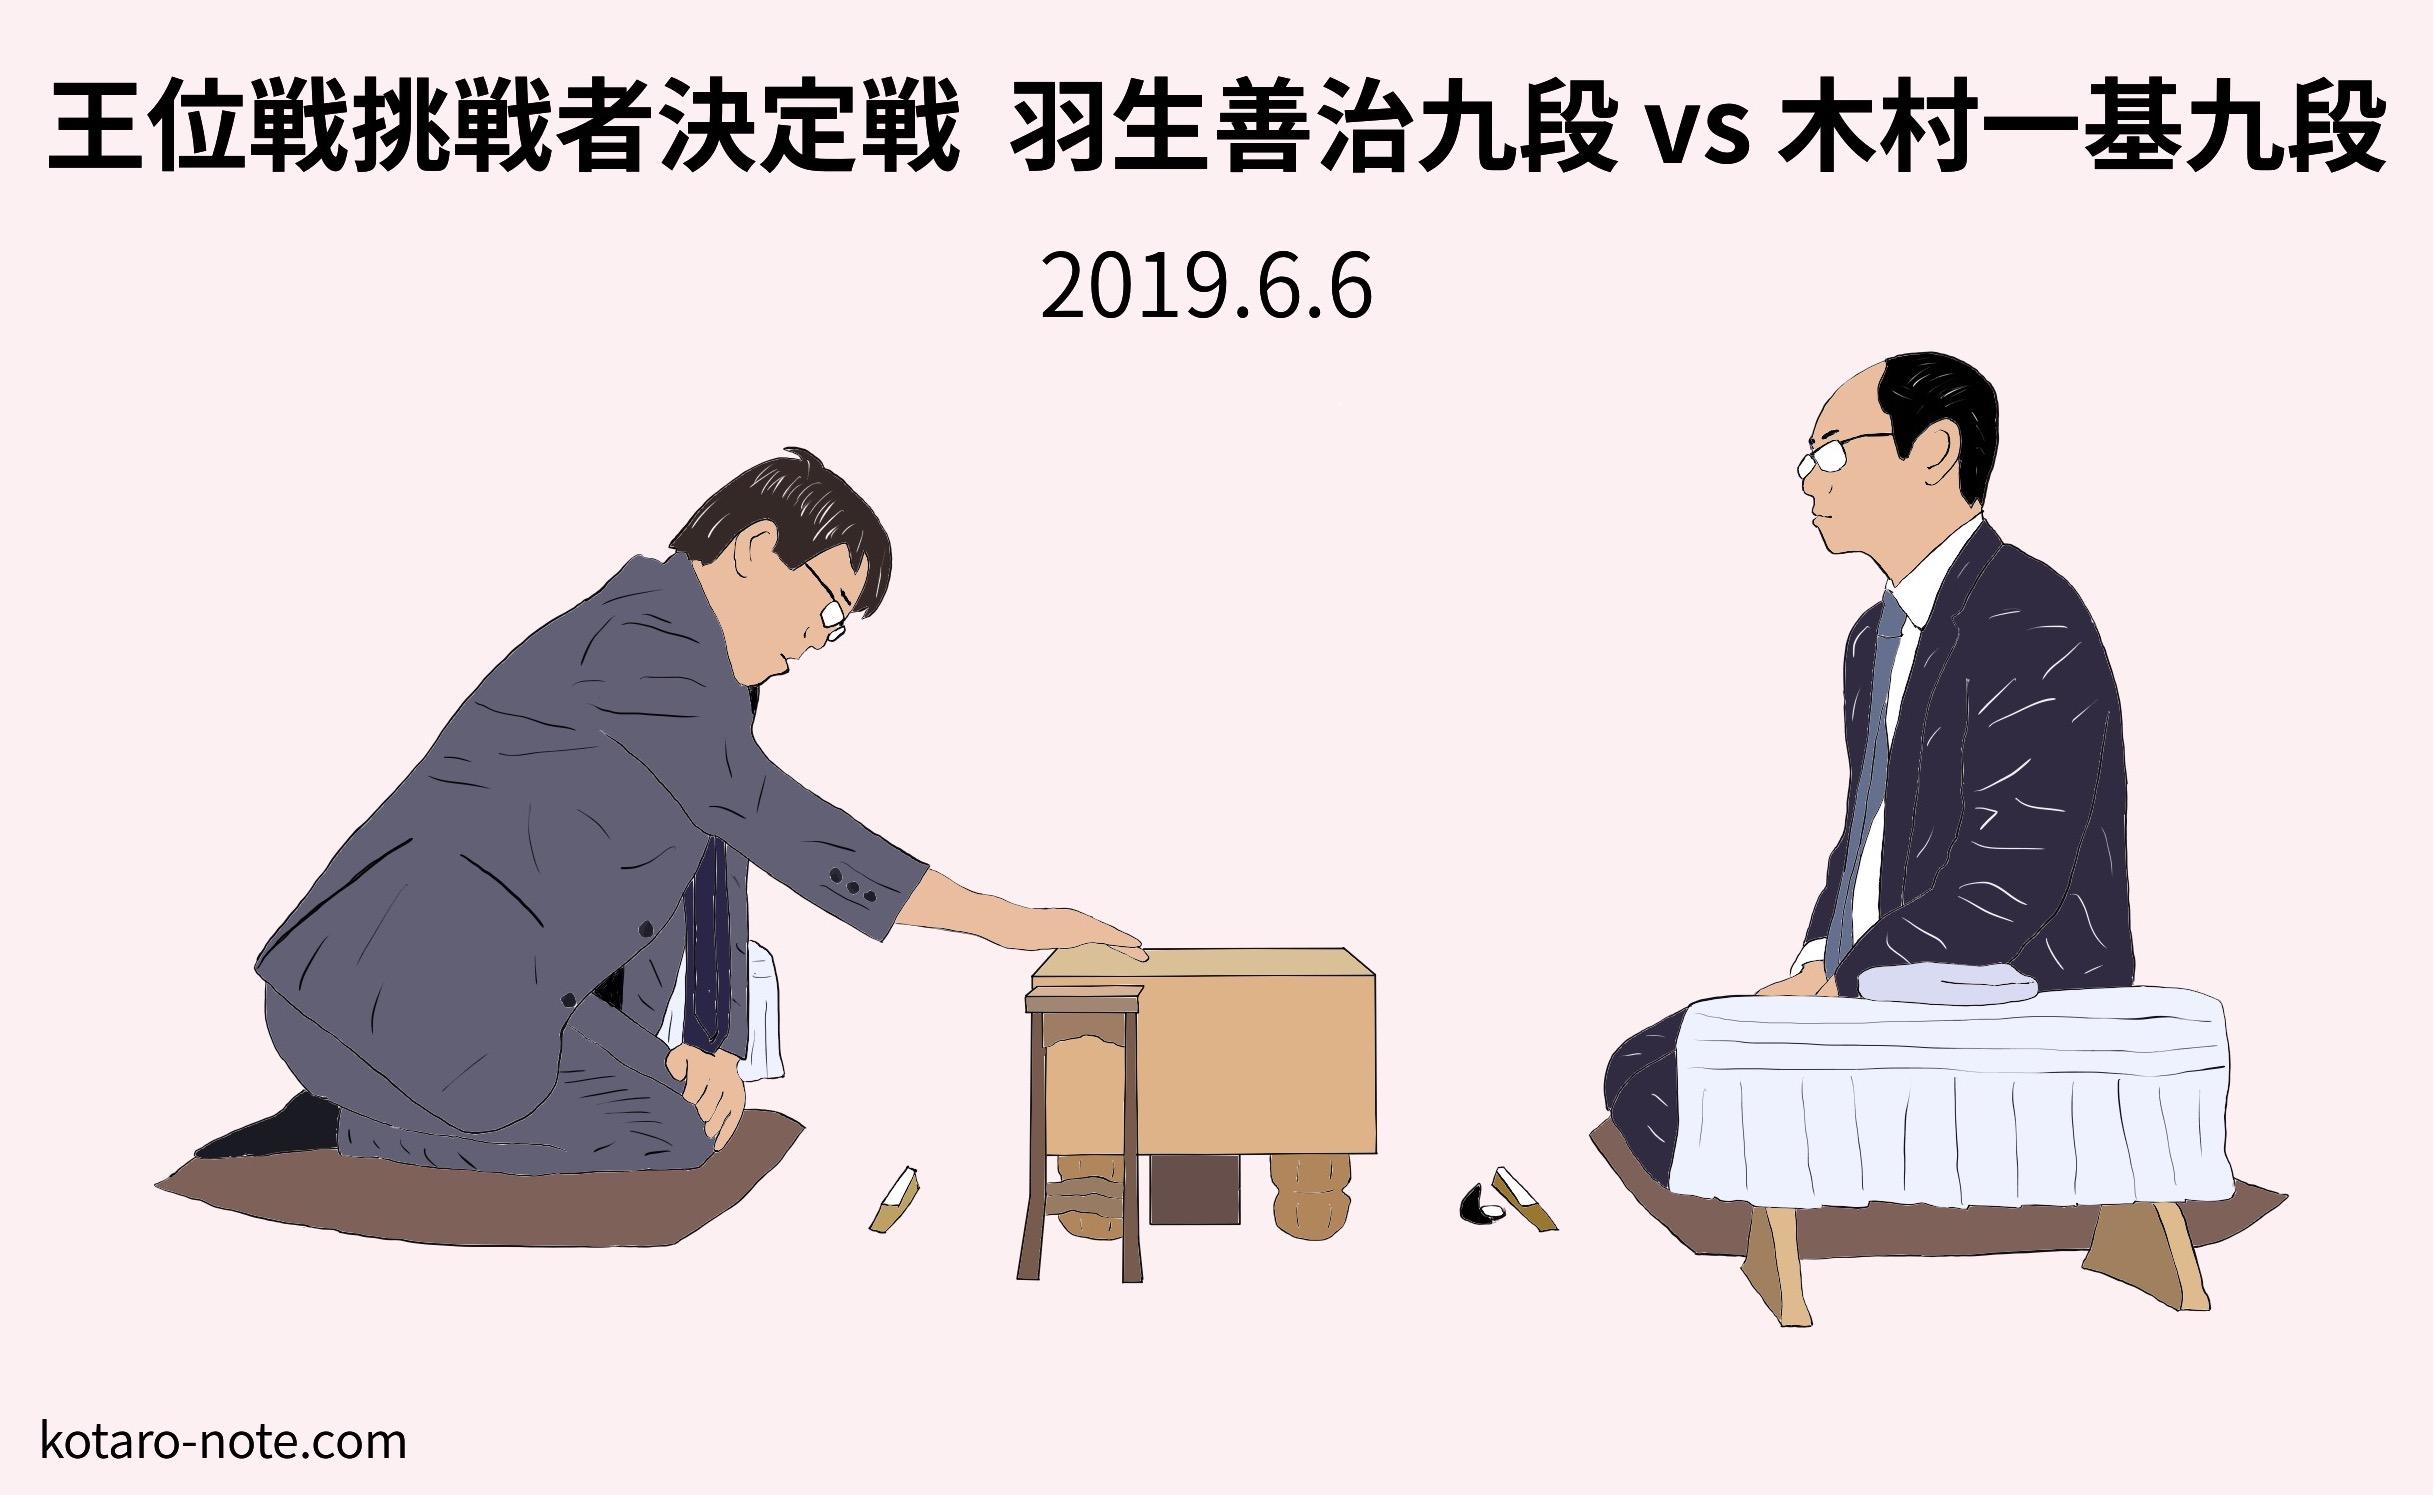 羽生善治九段vs木村一基九段、王位戦挑戦者決定戦